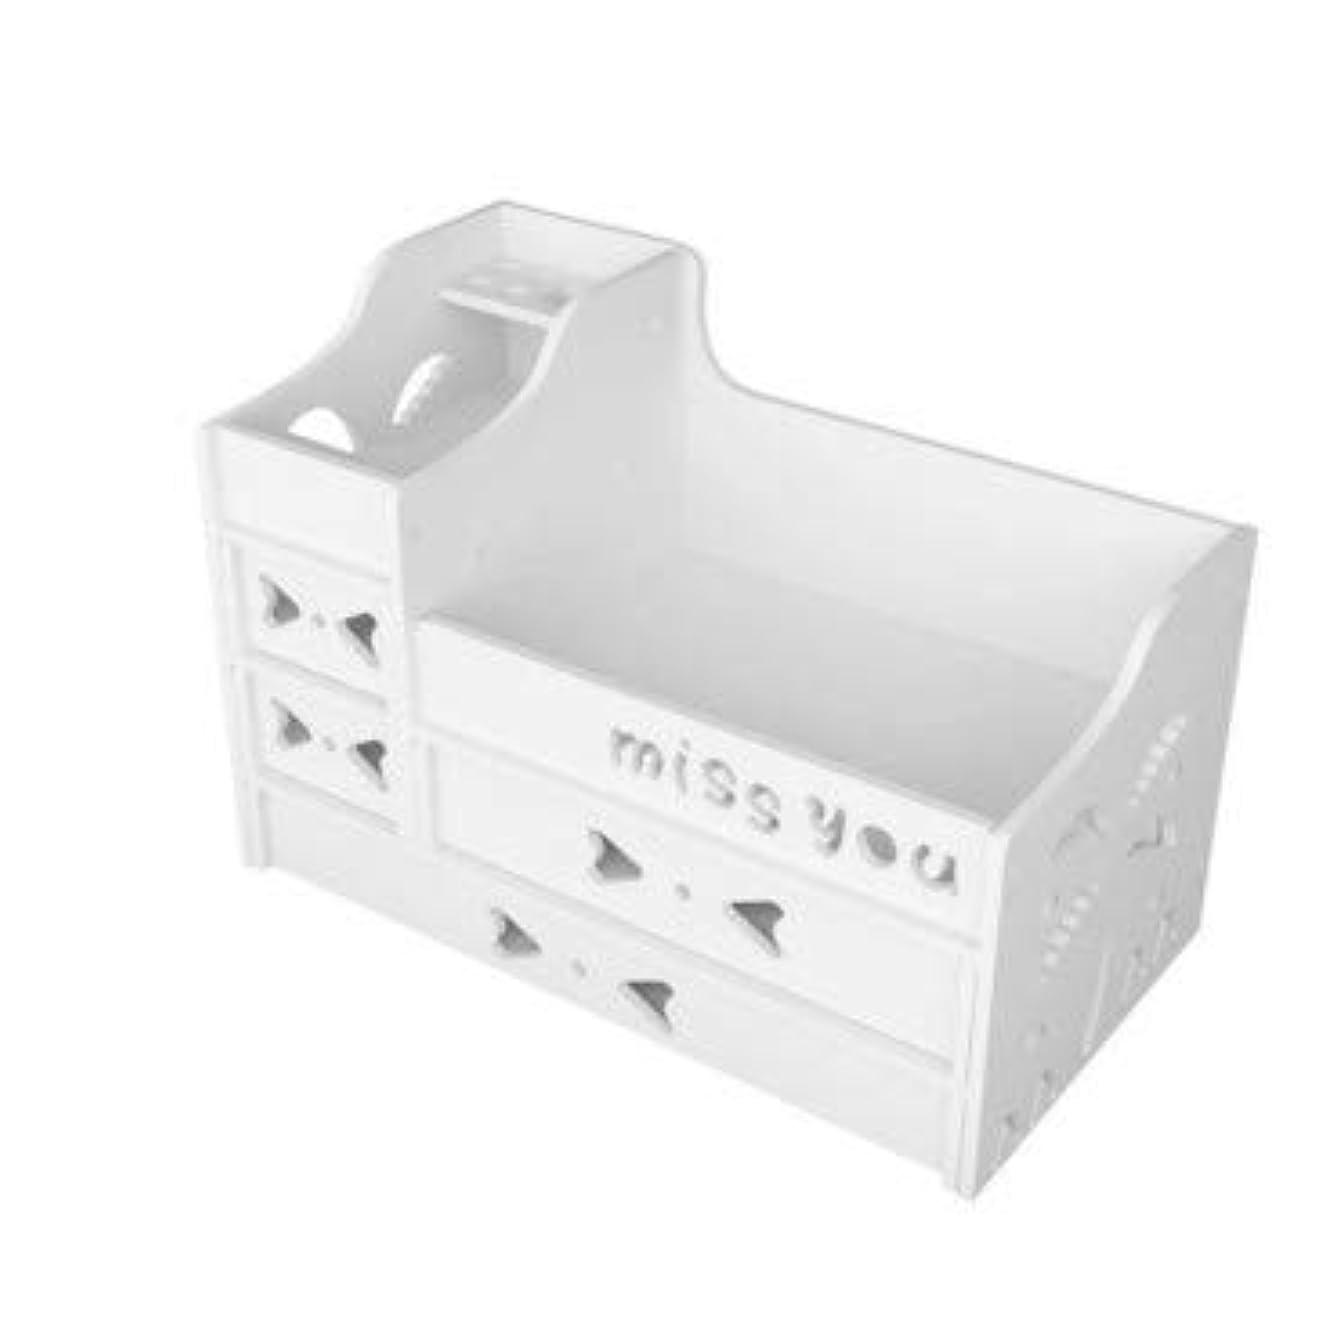 価格破産言い直す特大化粧箱デスクトップ化粧品引き出しデスクトップ収納ボックス収納ボックスプラスチック収納ボックスデスクトップ